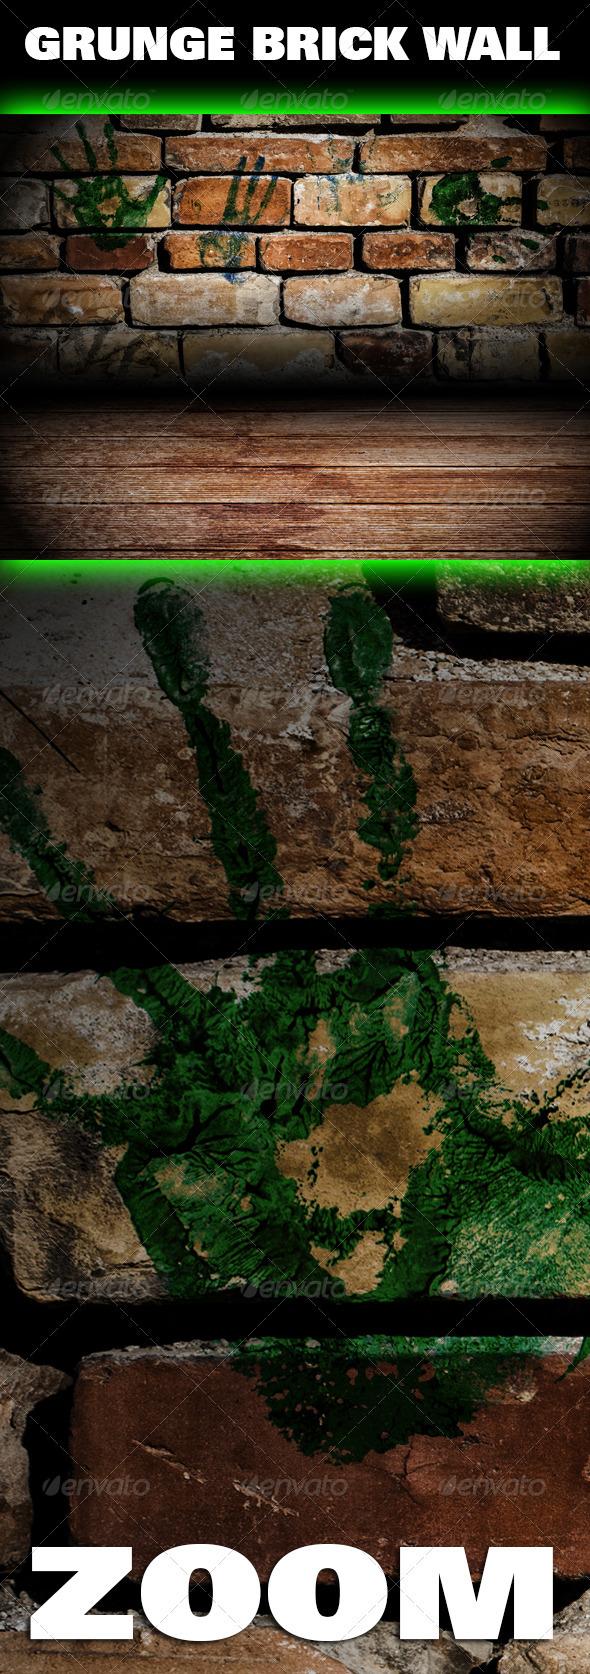 Grunge Brick Wall Texture - Industrial / Grunge Textures